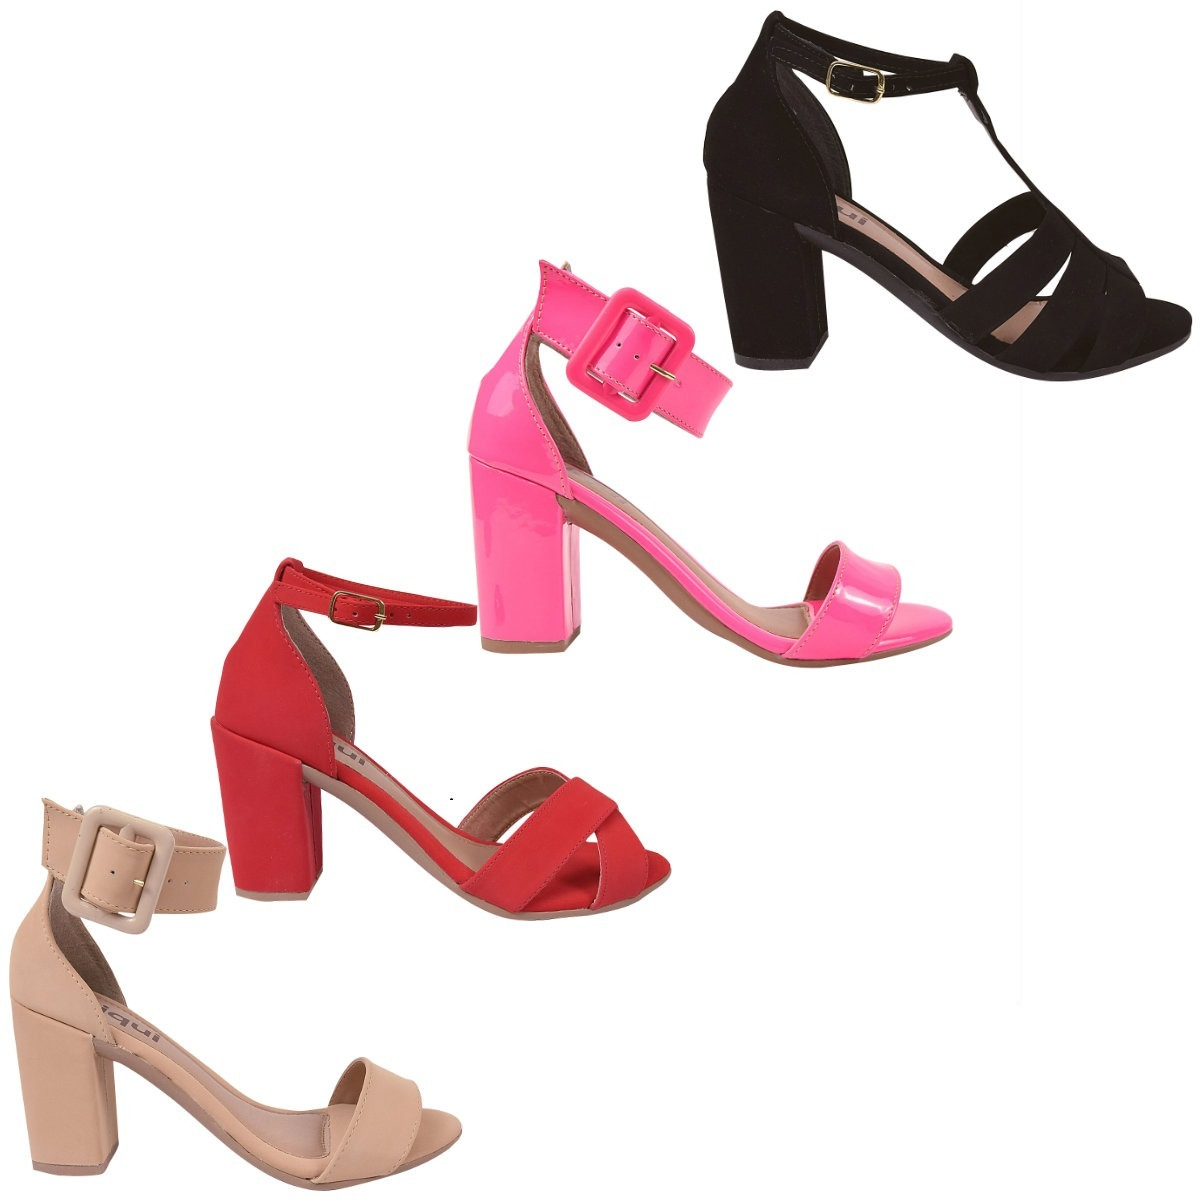 ccde85667 2 pares sandalia feminina salto alto grosso snp2. Carregando zoom.